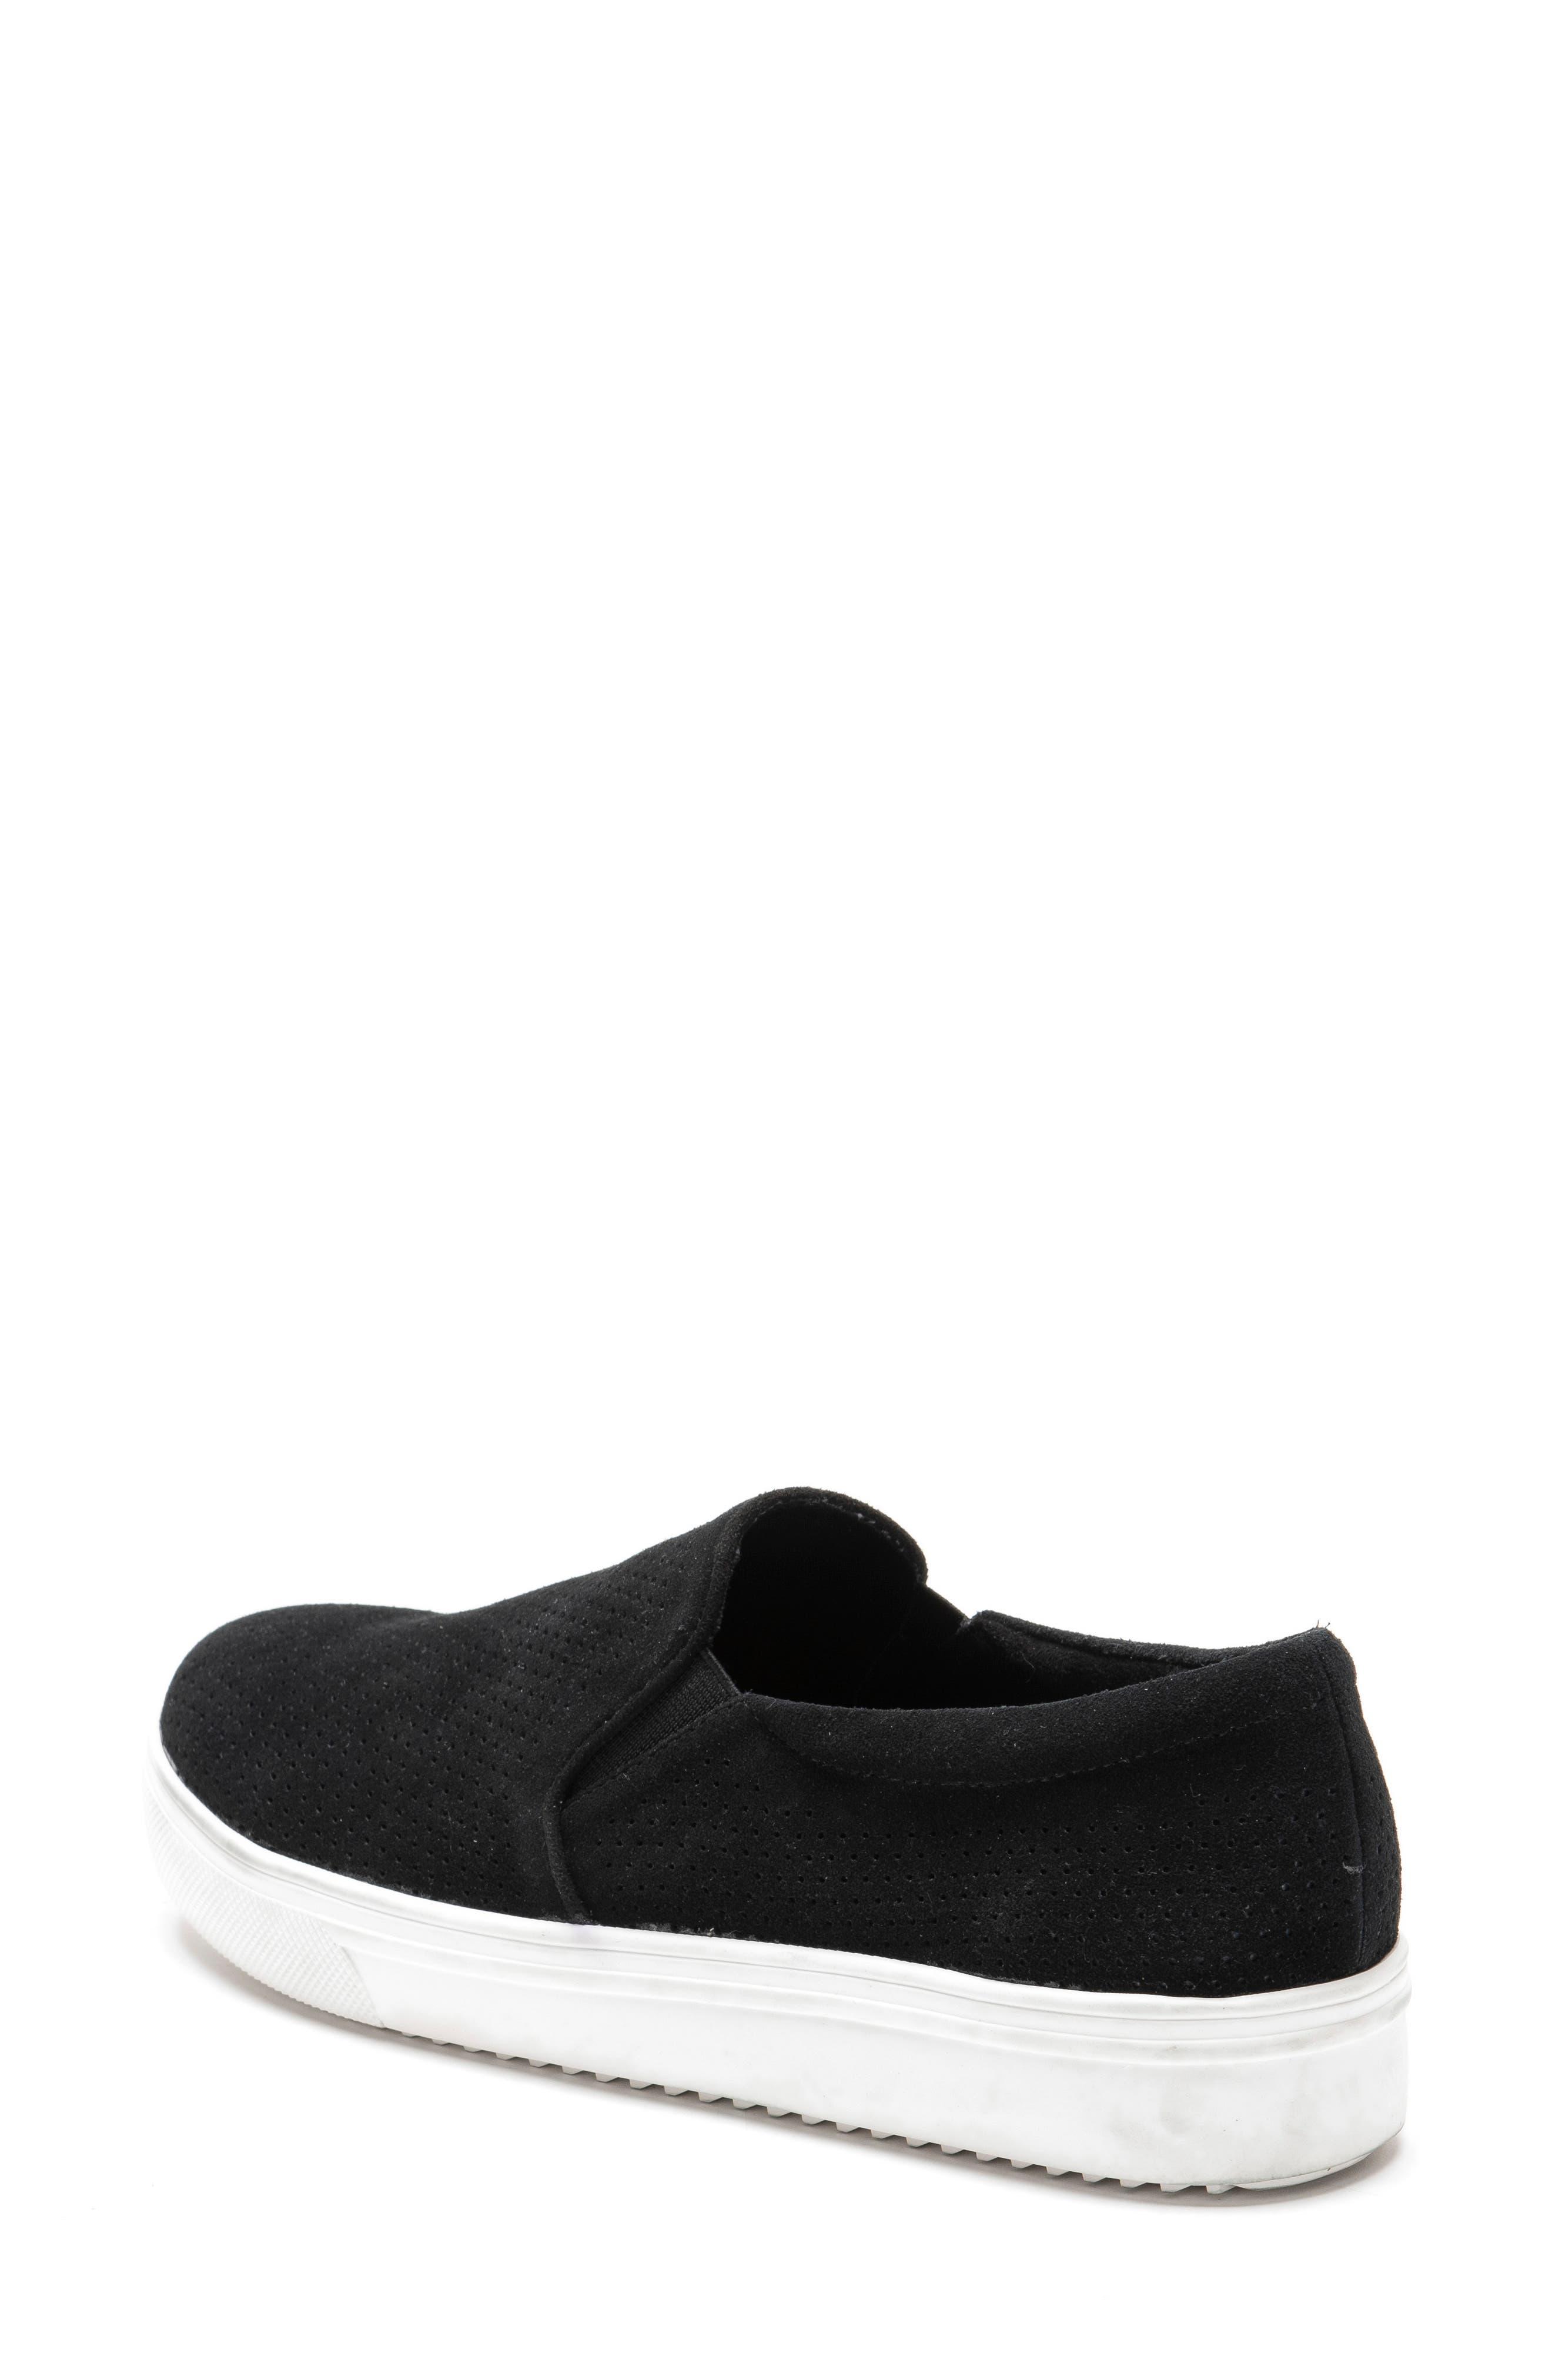 Gallert Perforated Waterproof Platform Sneaker,                             Alternate thumbnail 7, color,                             BLACK SUEDE